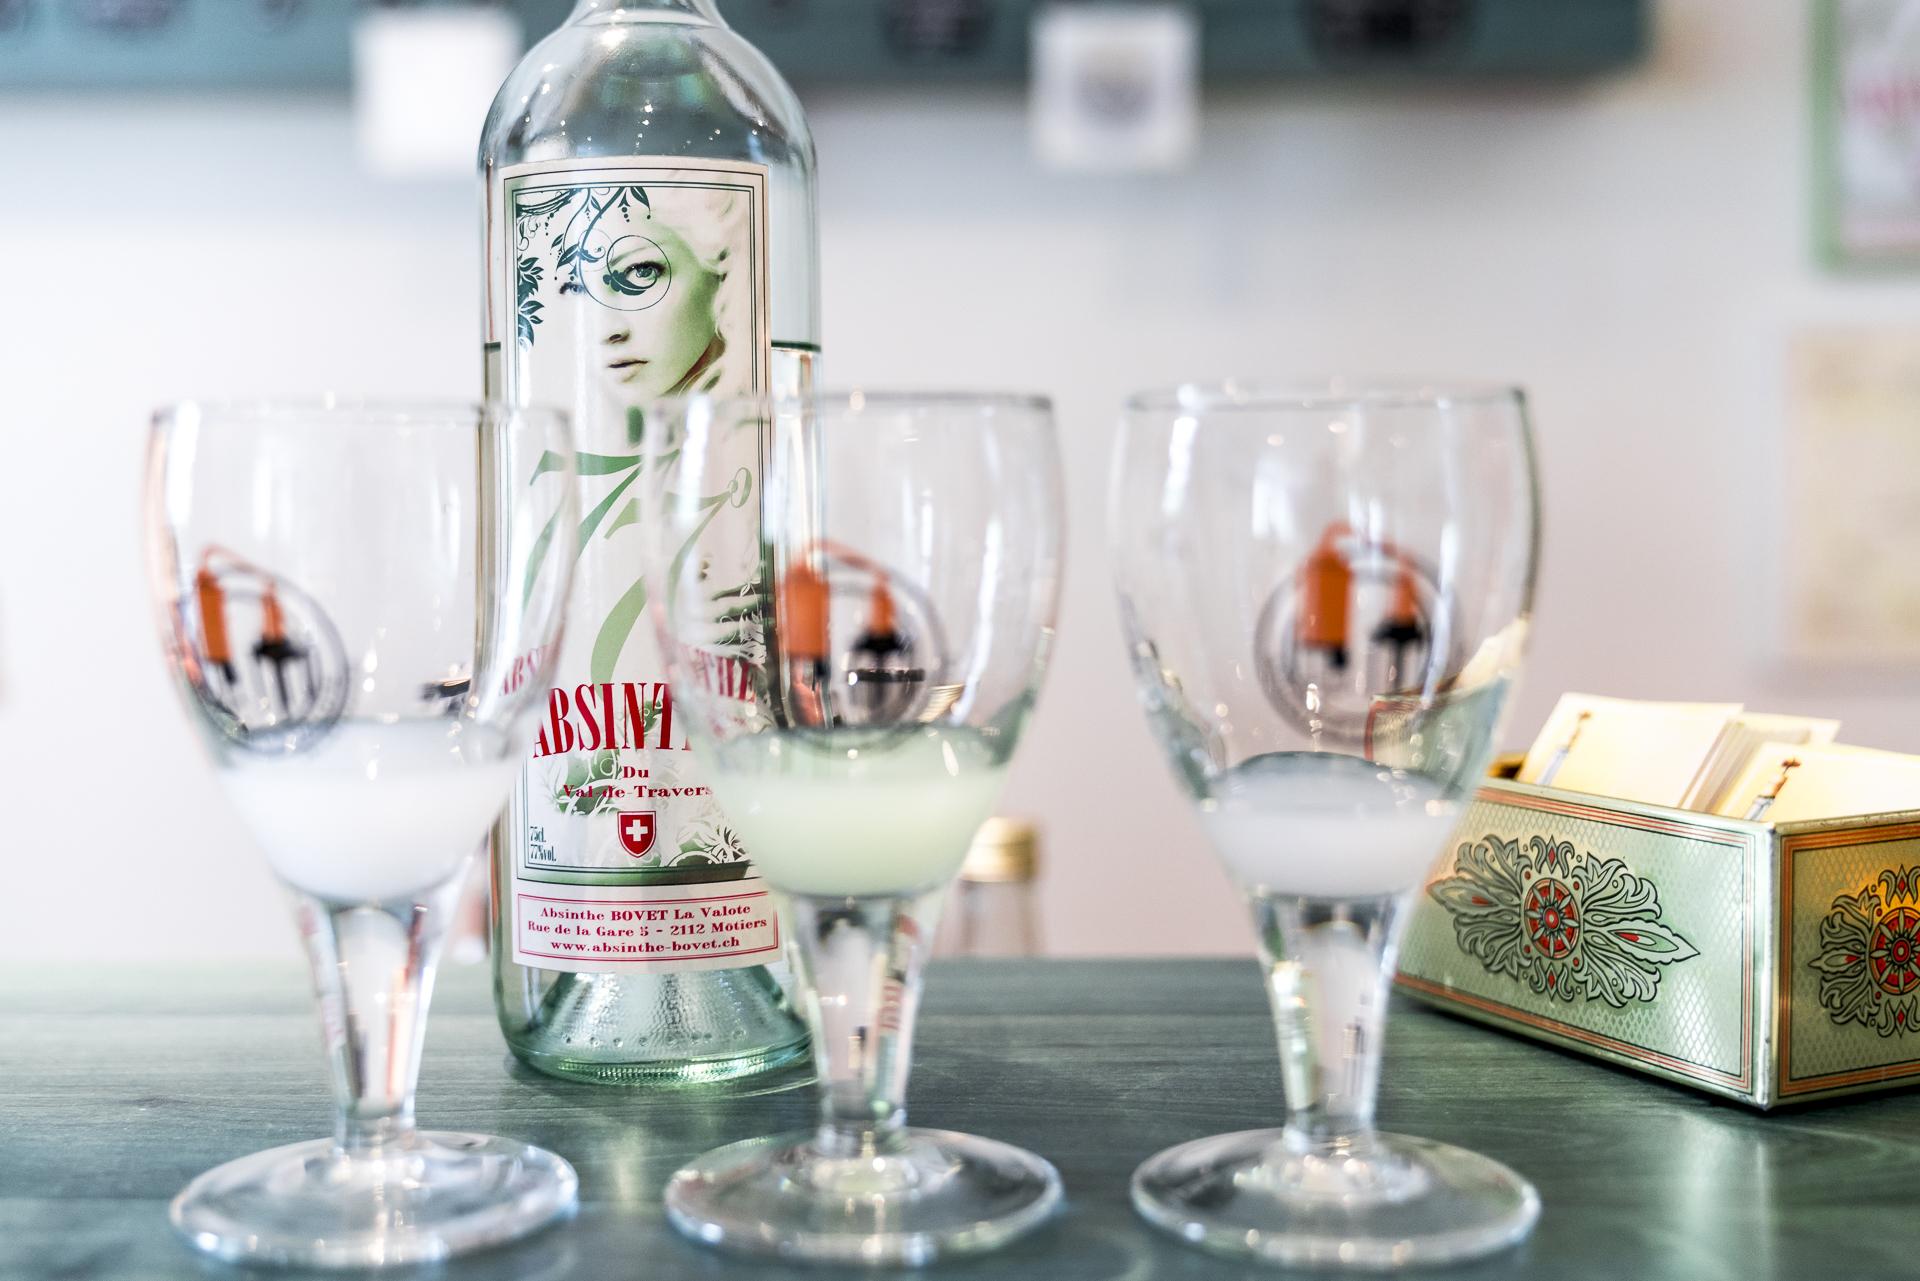 Absinthe Destillerie Bovet